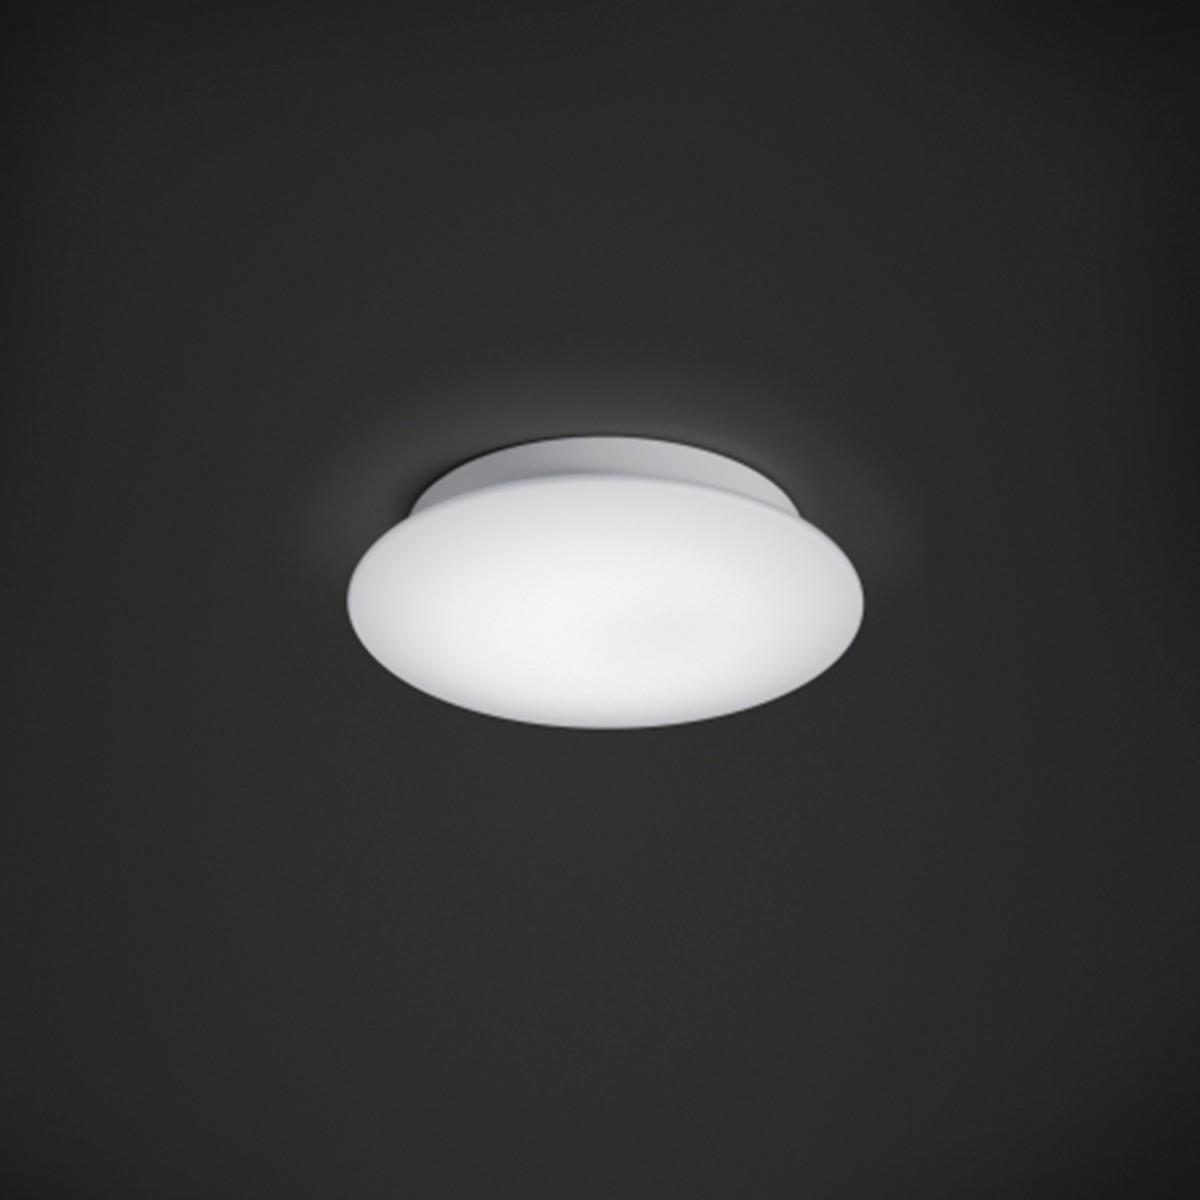 Bankamp Molino Deckenleuchte, Ø: 32 cm, opalweiß